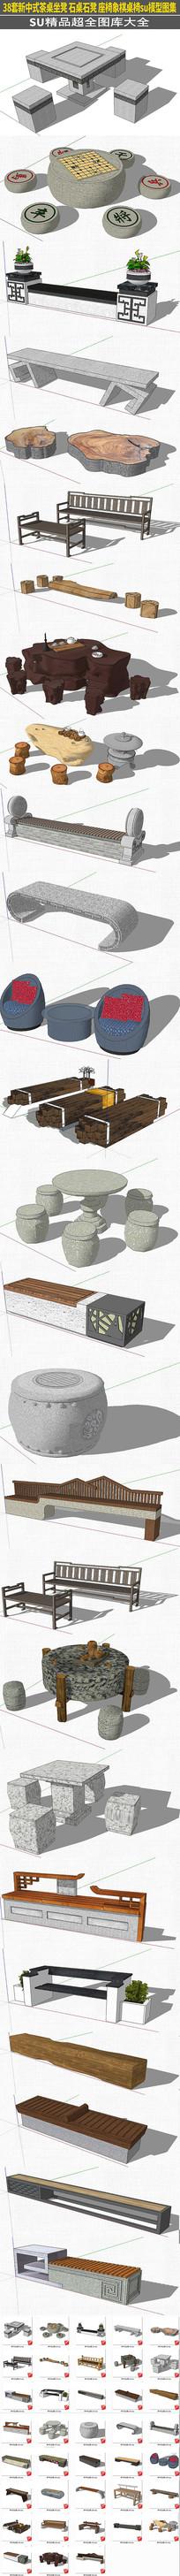 38套新中式园林坐凳SU模型图集